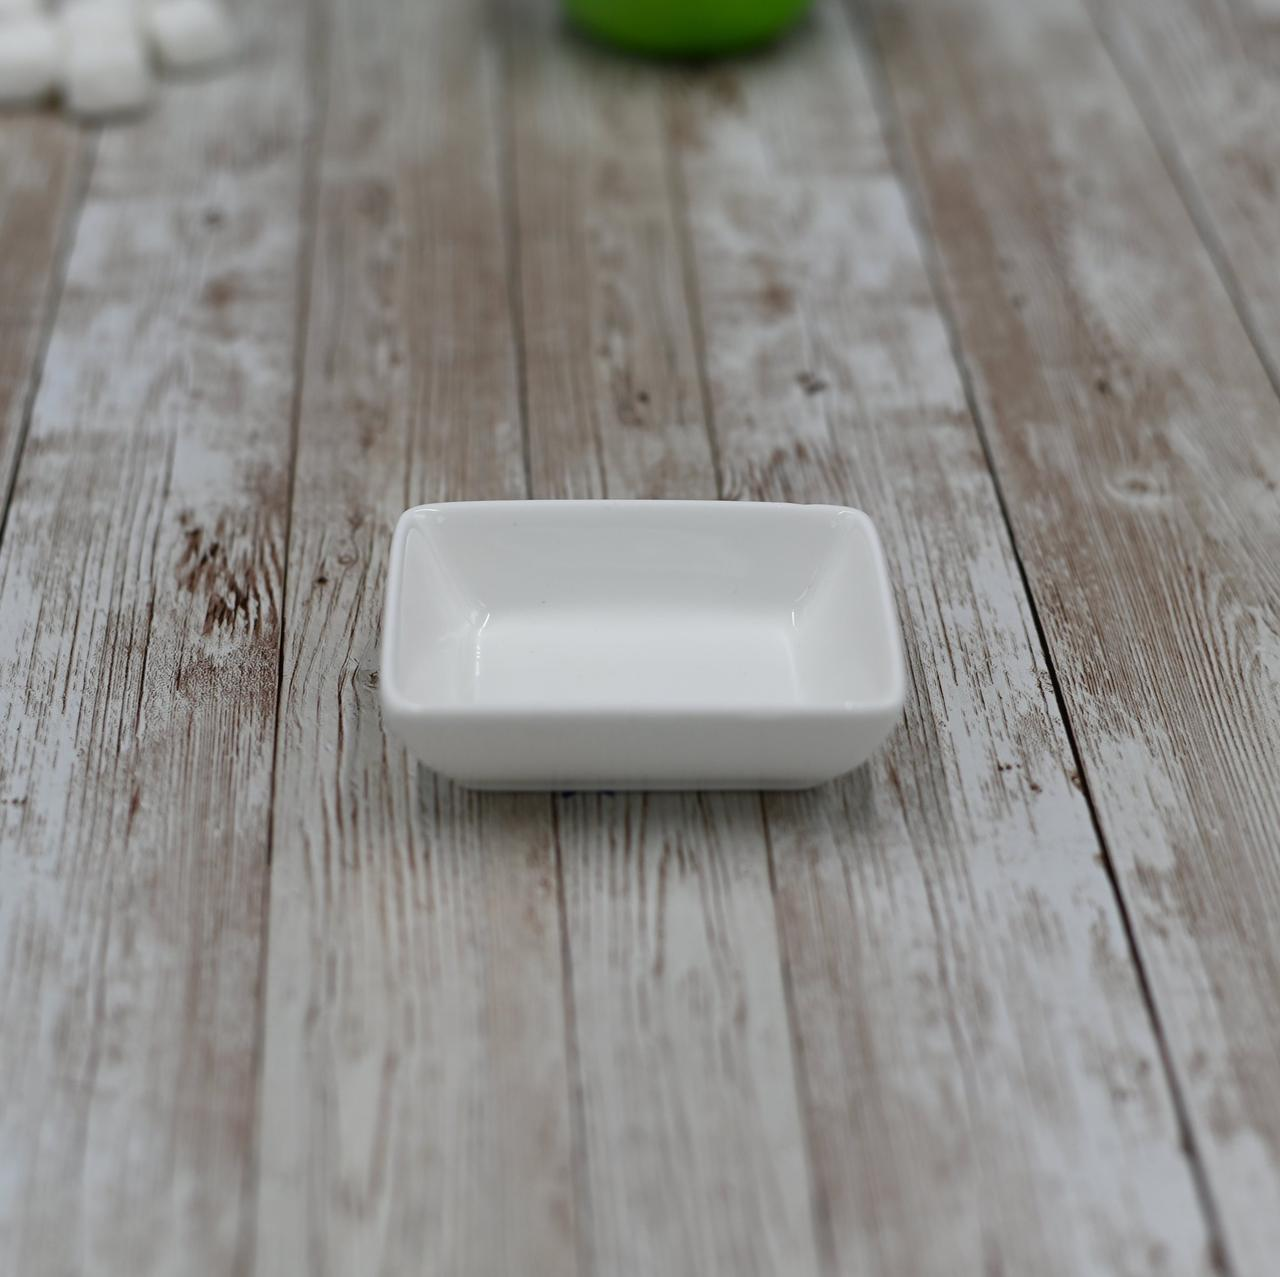 Блюдо для соевого соуса фарфор белый Wilmax 80х60 мм емкость для подачи роллов посуда для сервировки в кафе